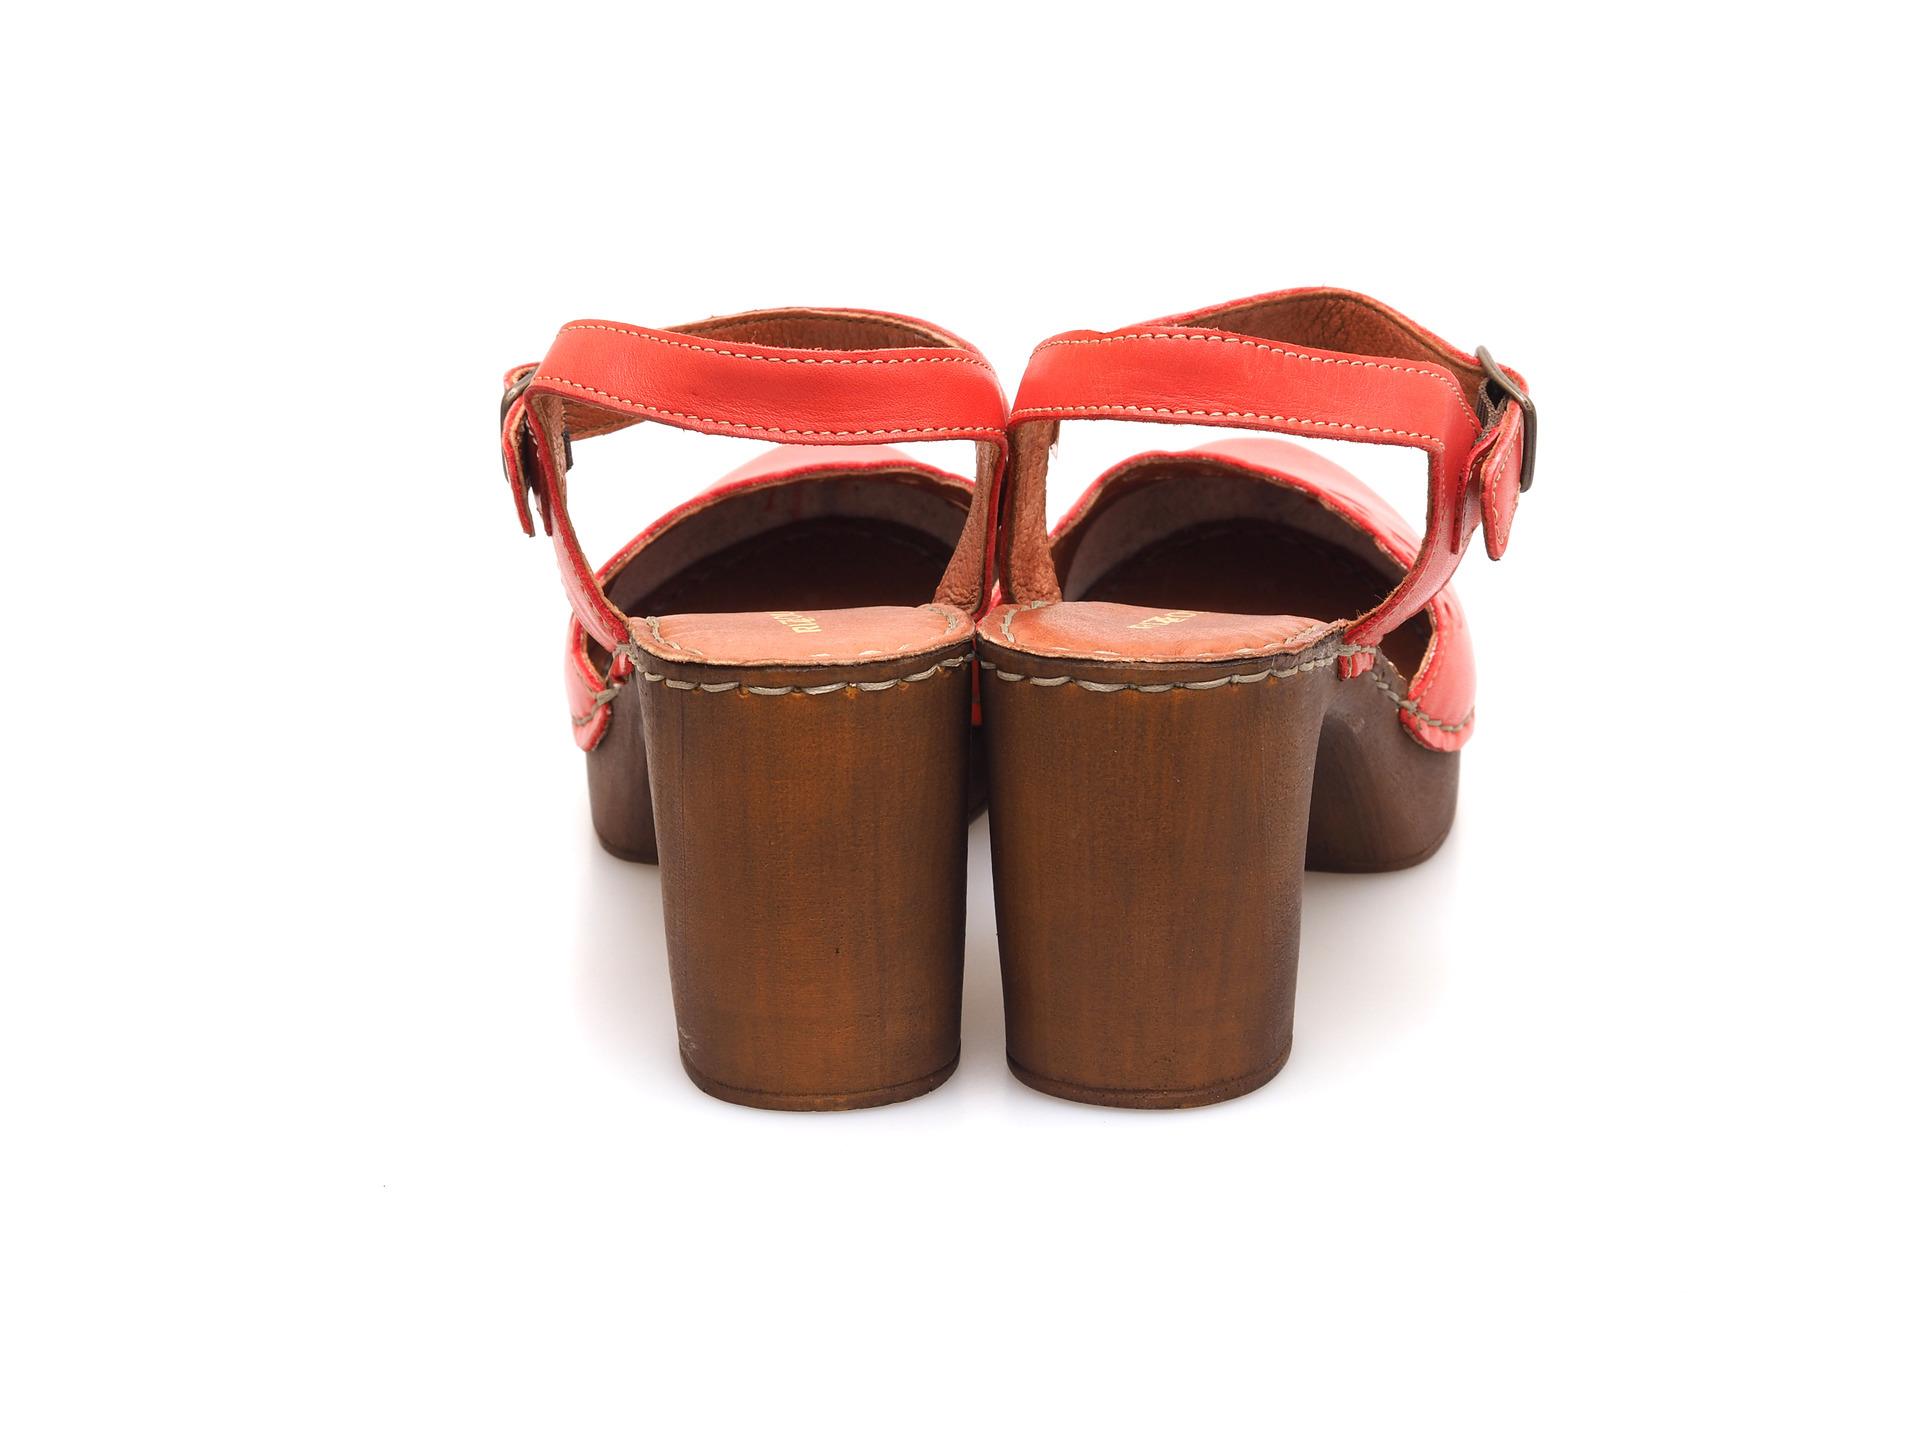 797ecaa70b9fb Soňa - Dámska obuv - Sandále - Dámske uzatvorené sandále na vysokom ...